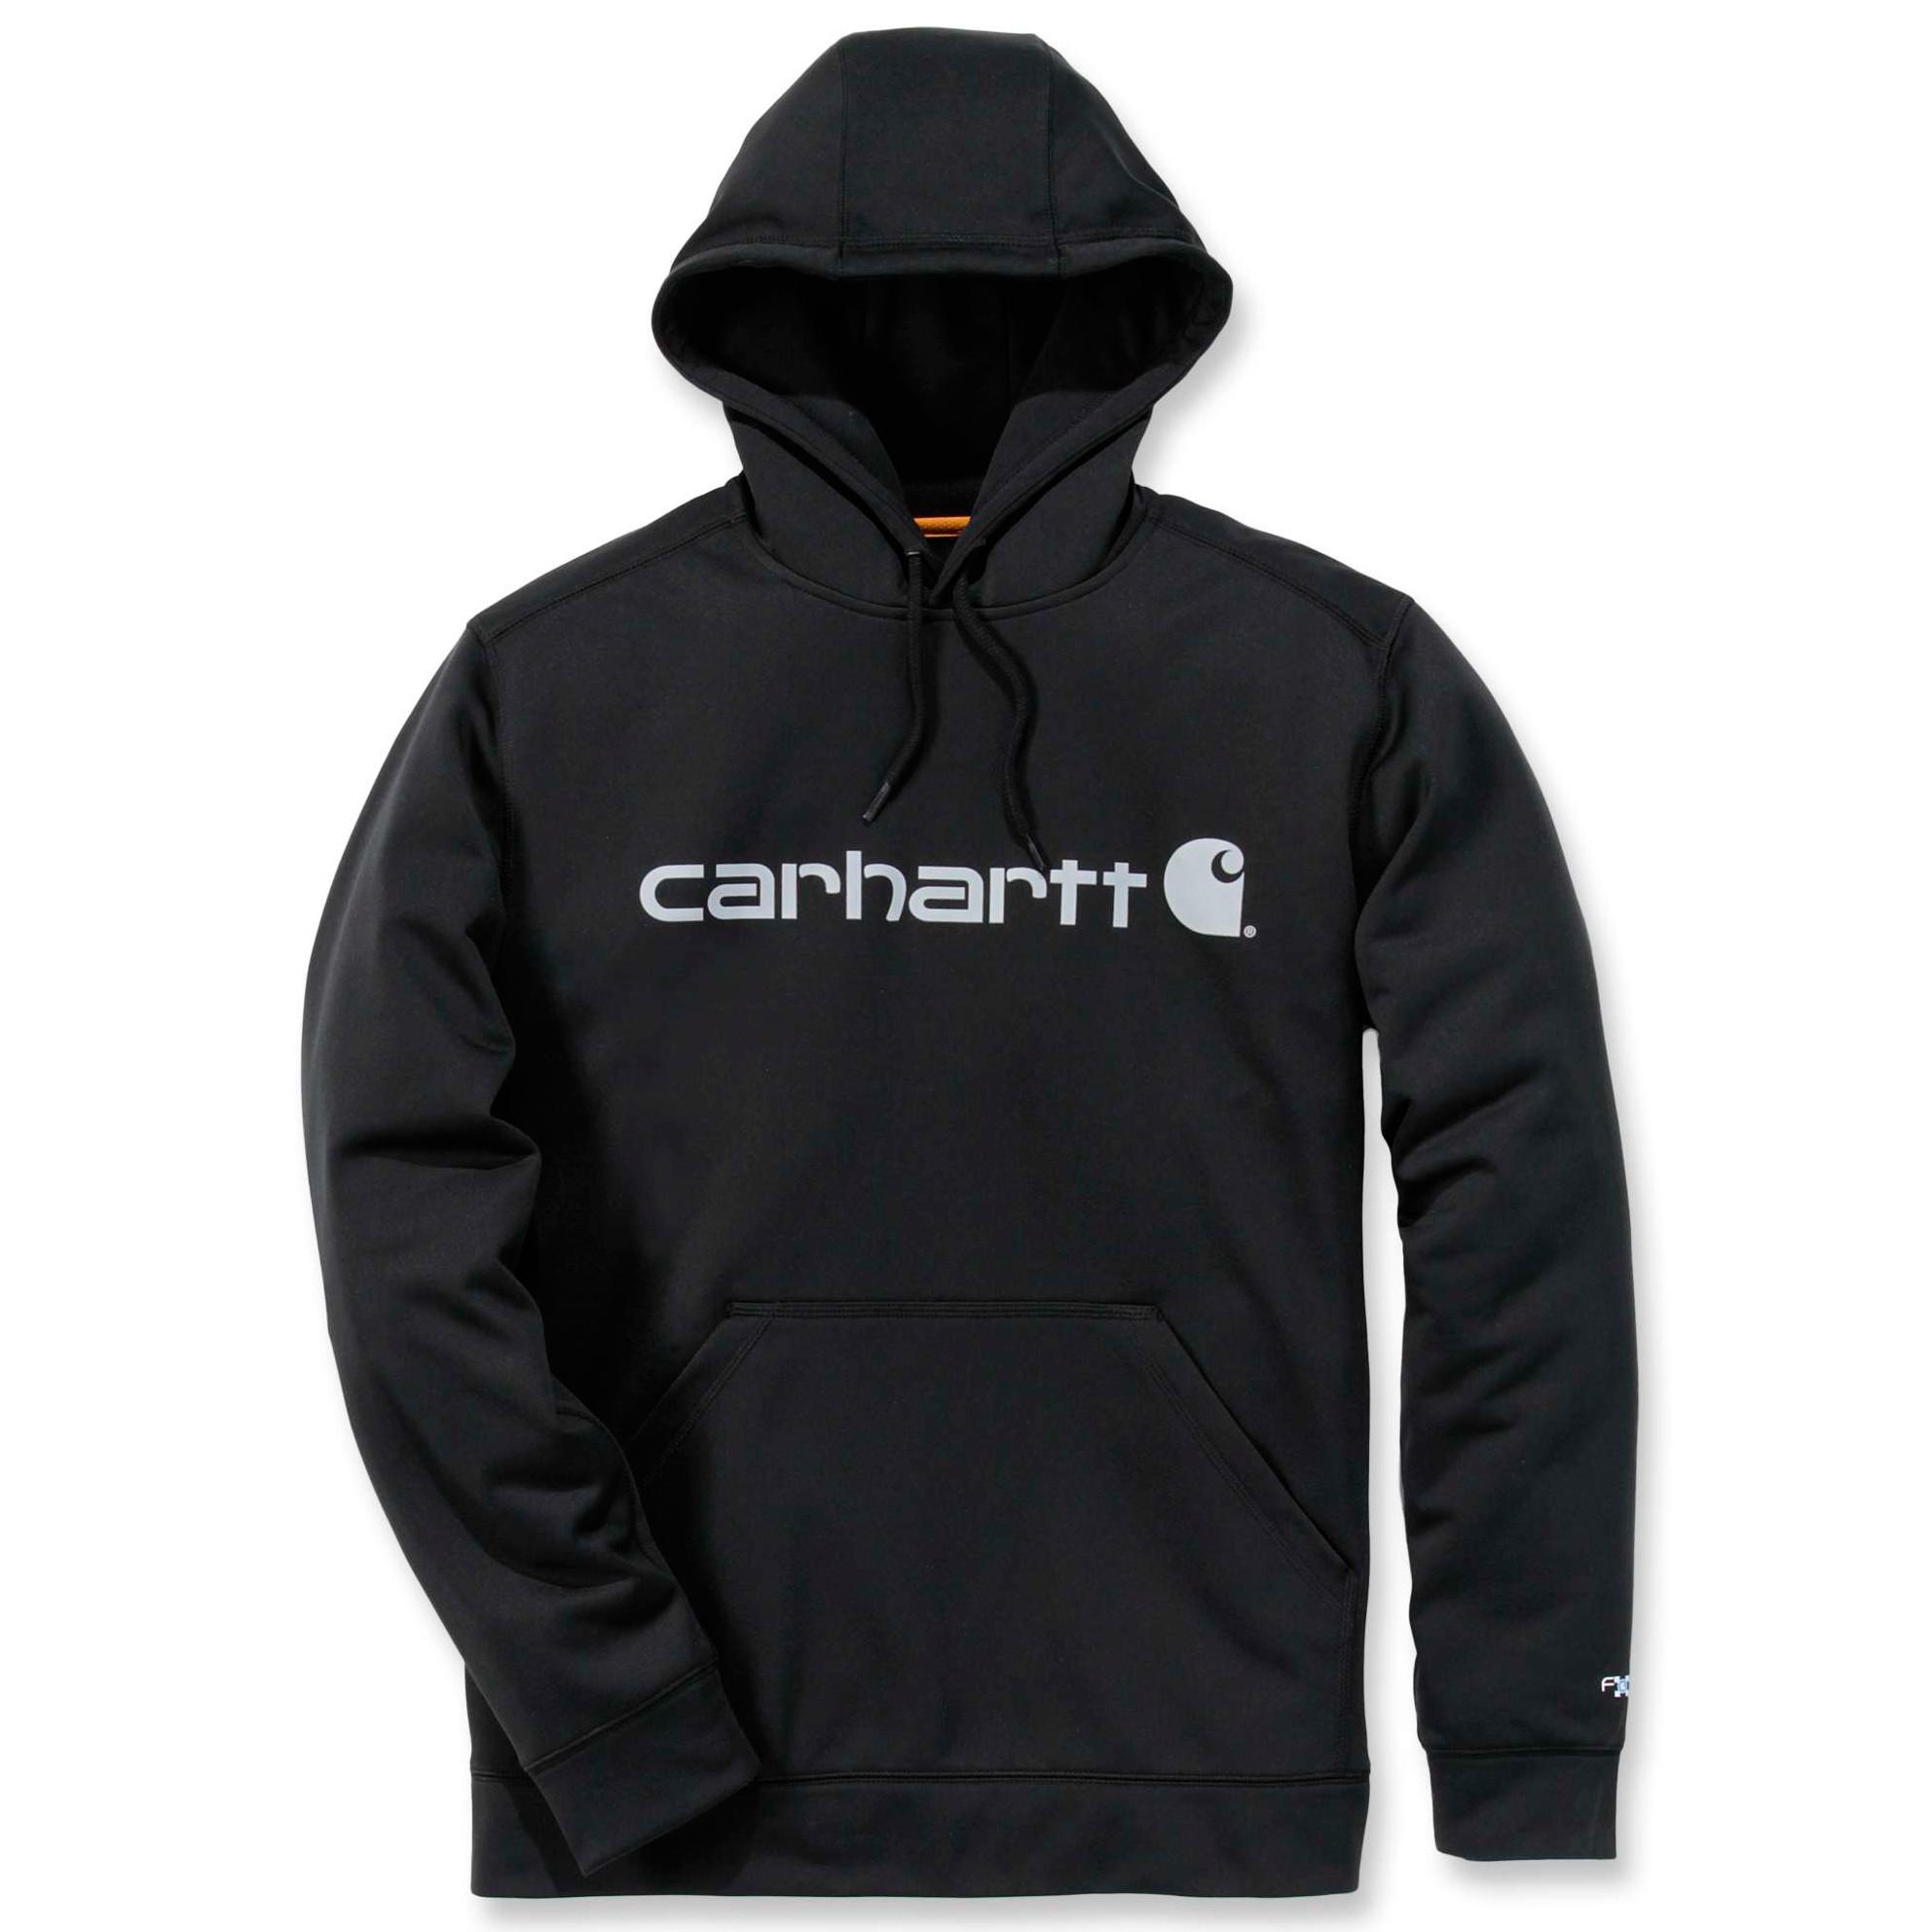 Худи Carhartt Force Extremes Logo Hooded Sweatshirt - 102314 (Black/Coal; M)